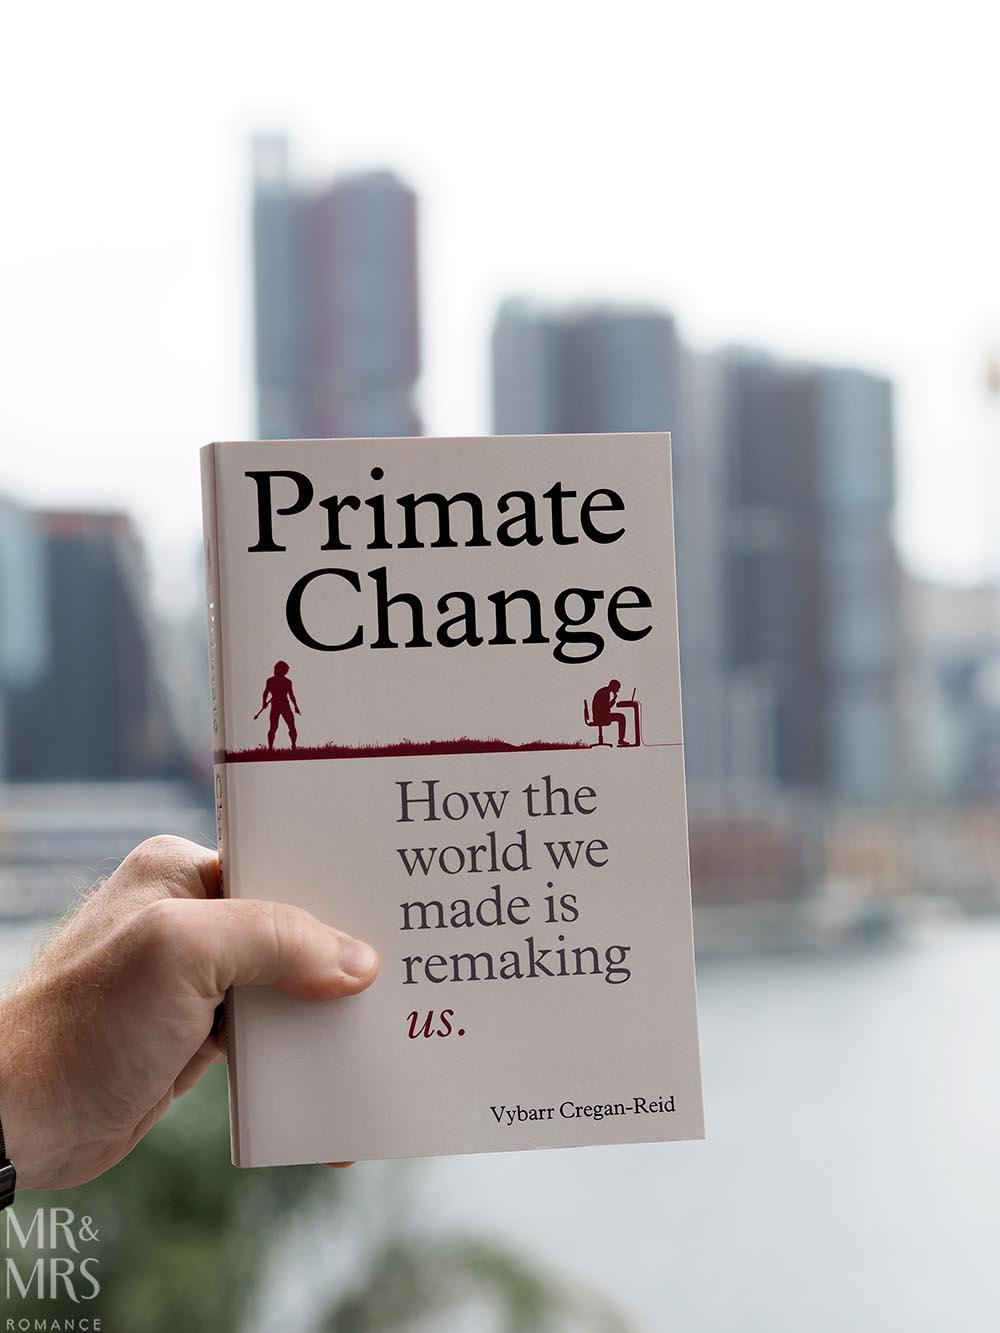 Good book Christmas gift - Primate Change